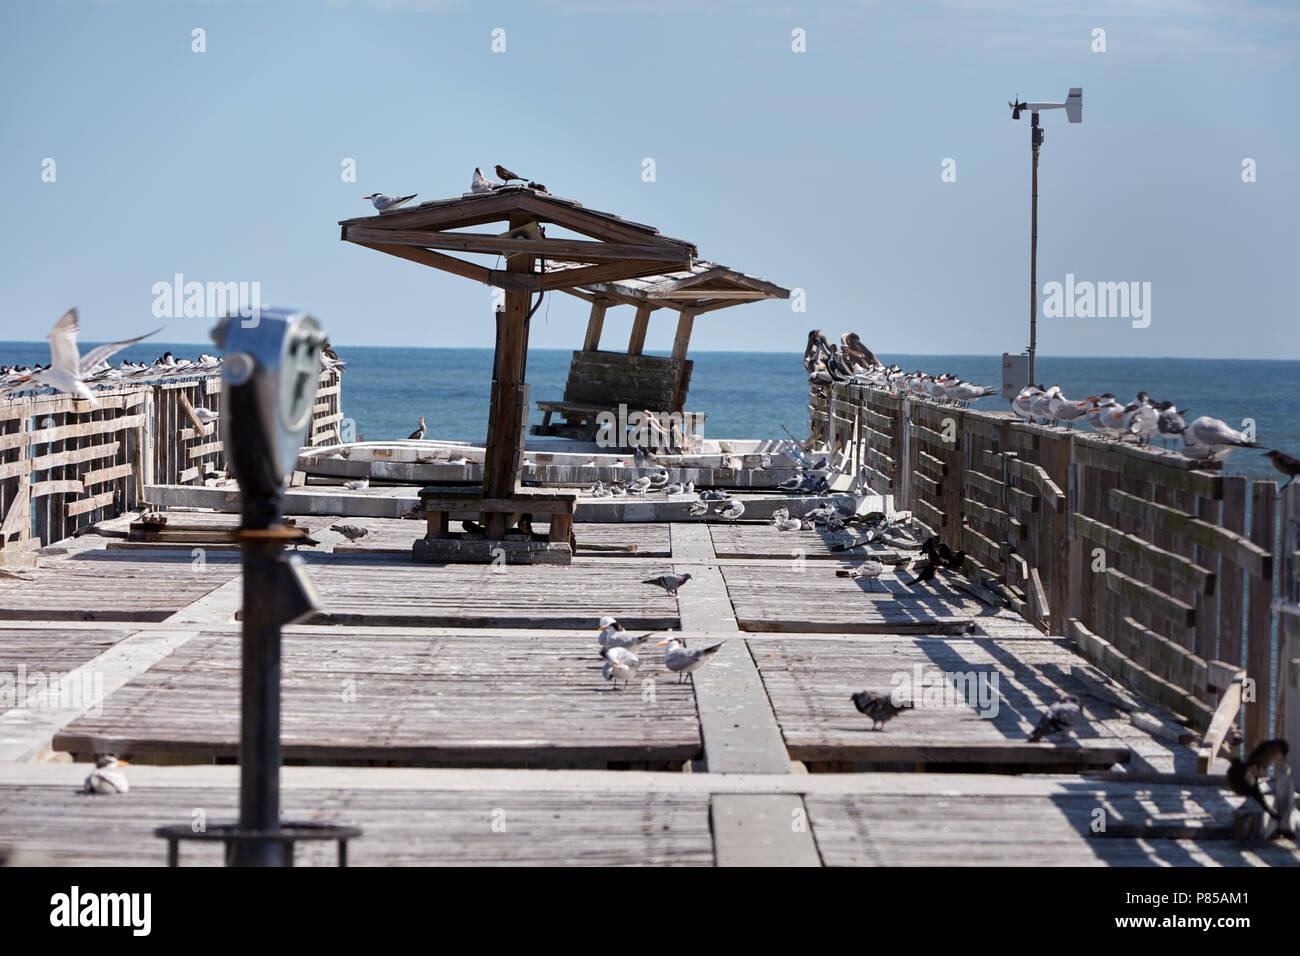 Pier durch den Hurrikan Irma in Jacksonville Beach, Florida beschädigt Stockbild